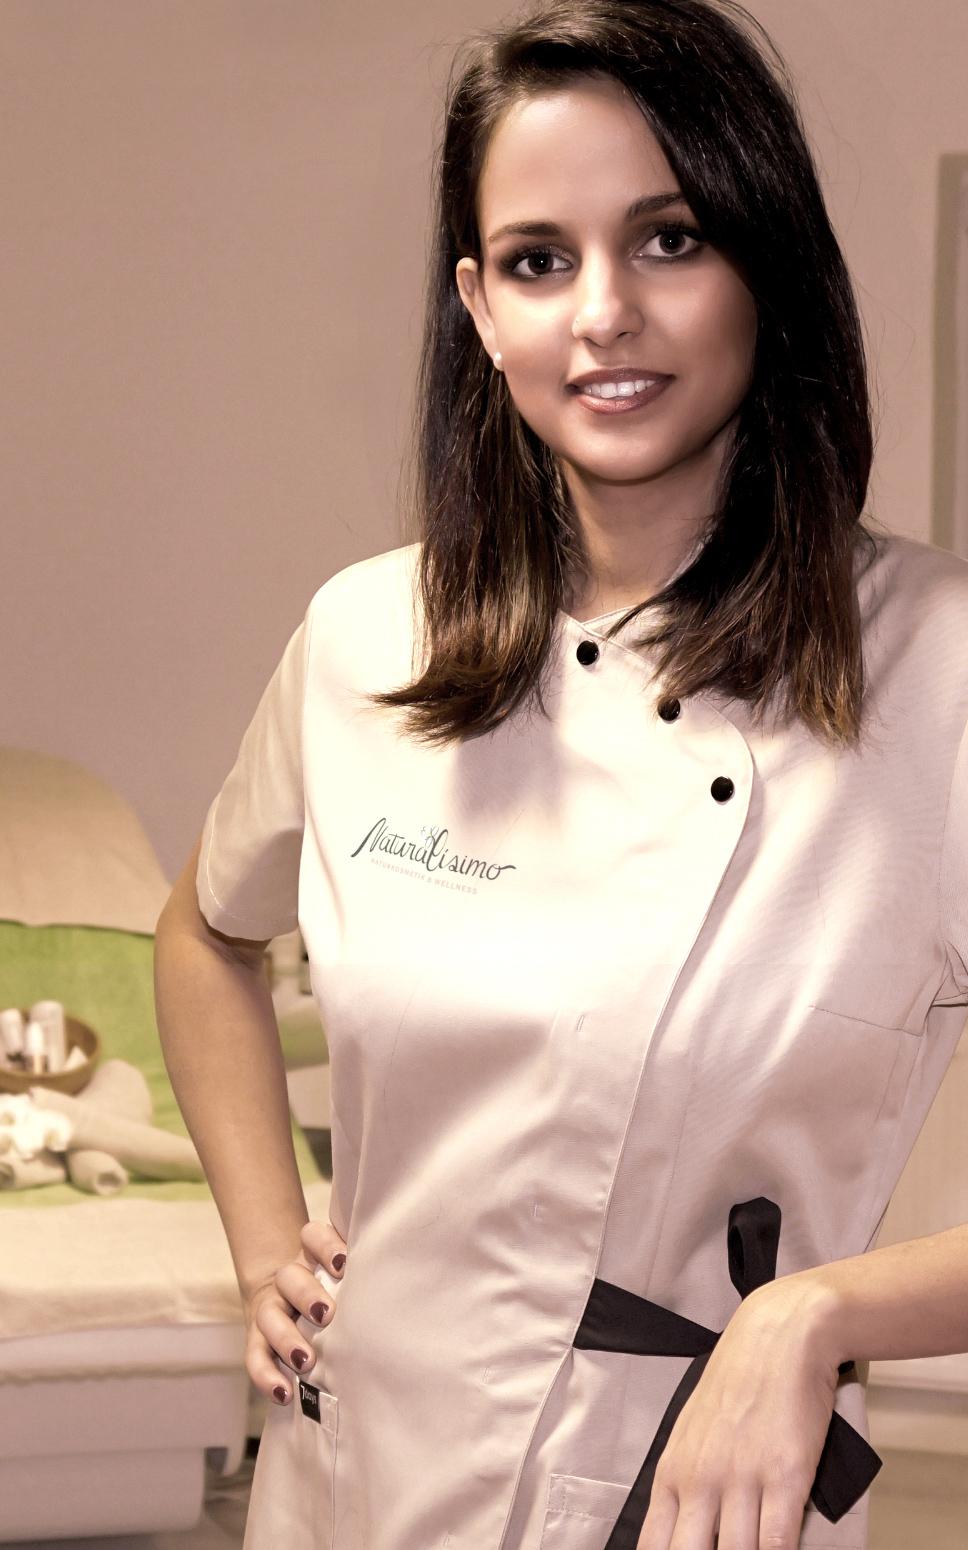 Geily Herrero Zubizaretta, Fachkosmetikerin, Visagistin und Fußpflegerin